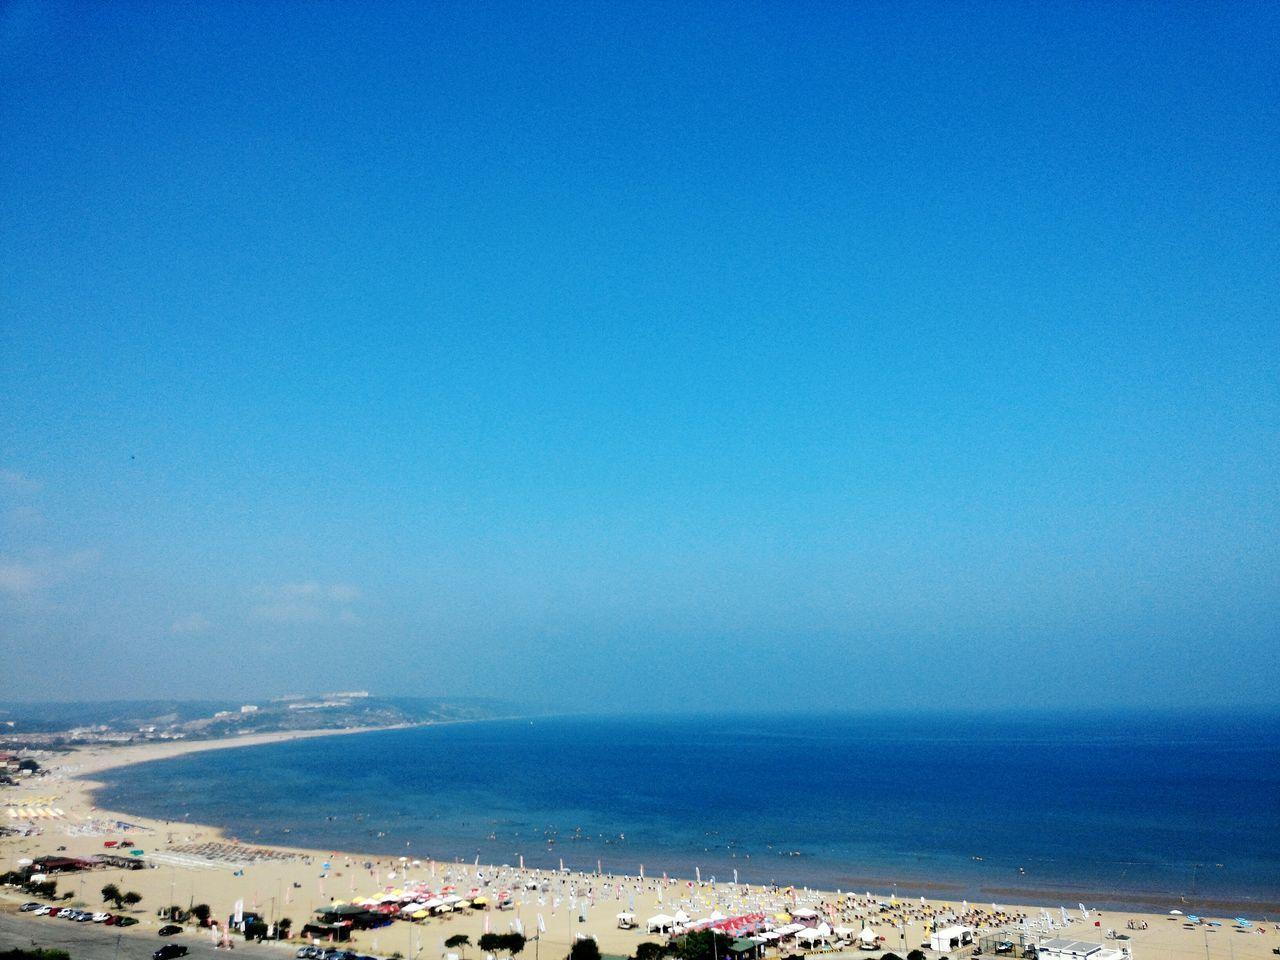 Şile Sahil çok Sıcak Sıcak Kumlardan Serin Sulara